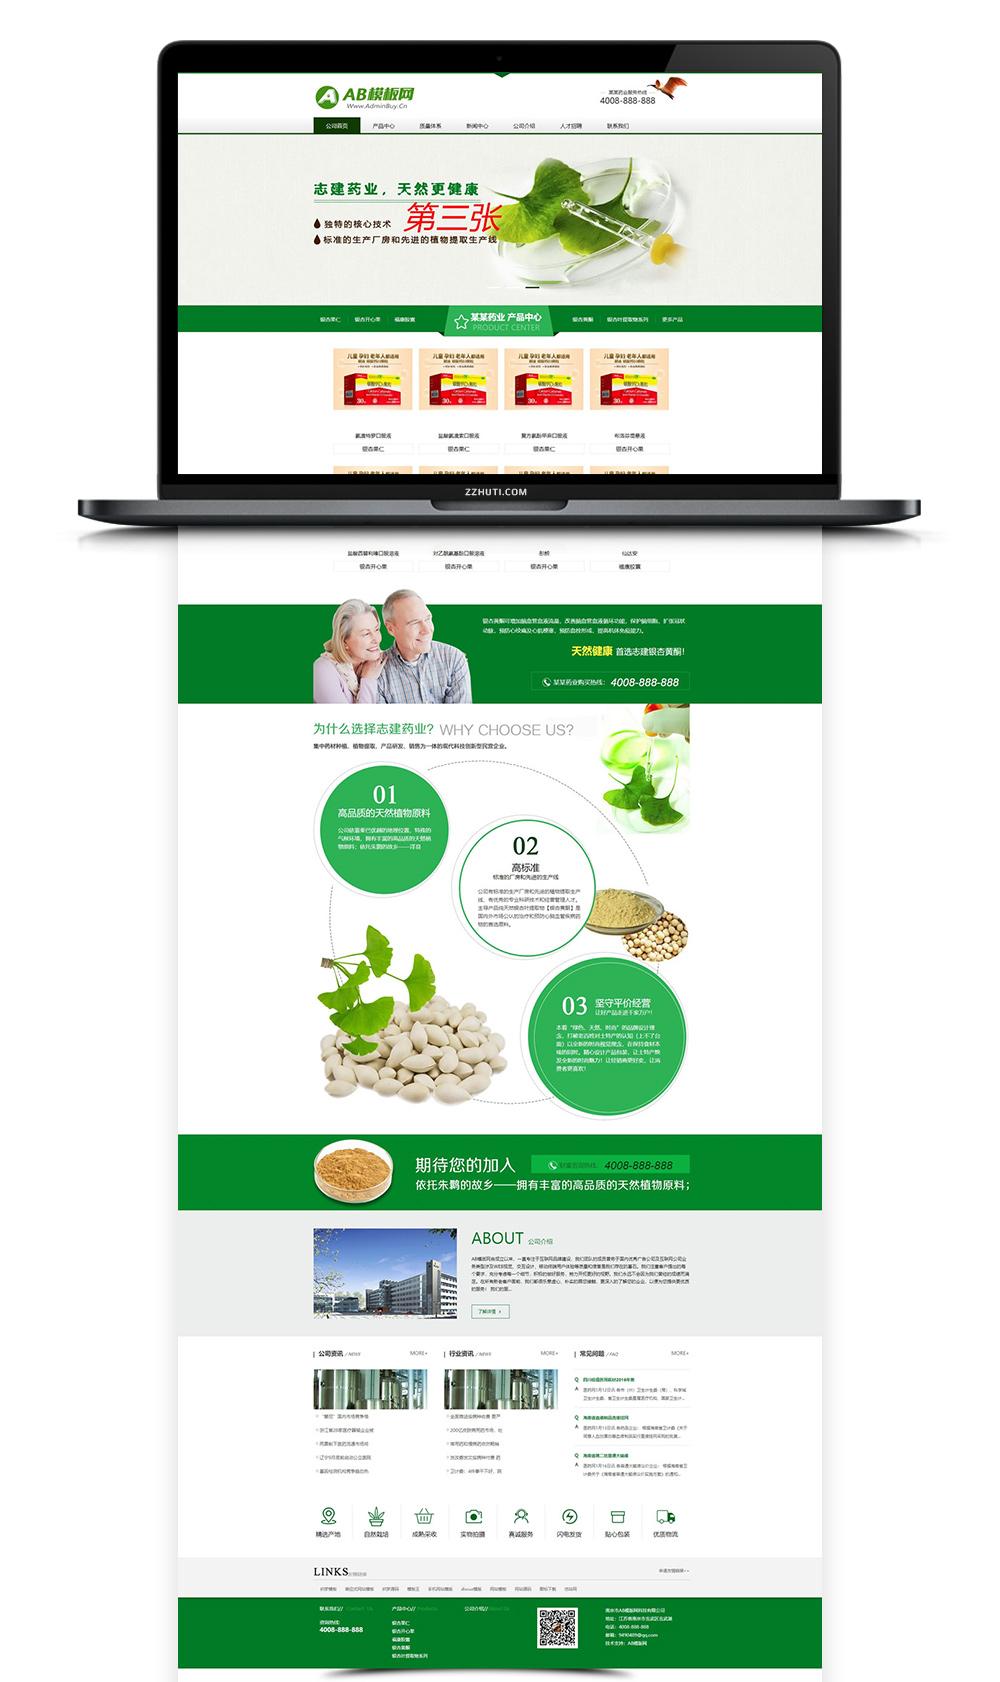 【保健品类】织梦dedecms绿色模板 网站源码-带手机版数据同步-找主题源码